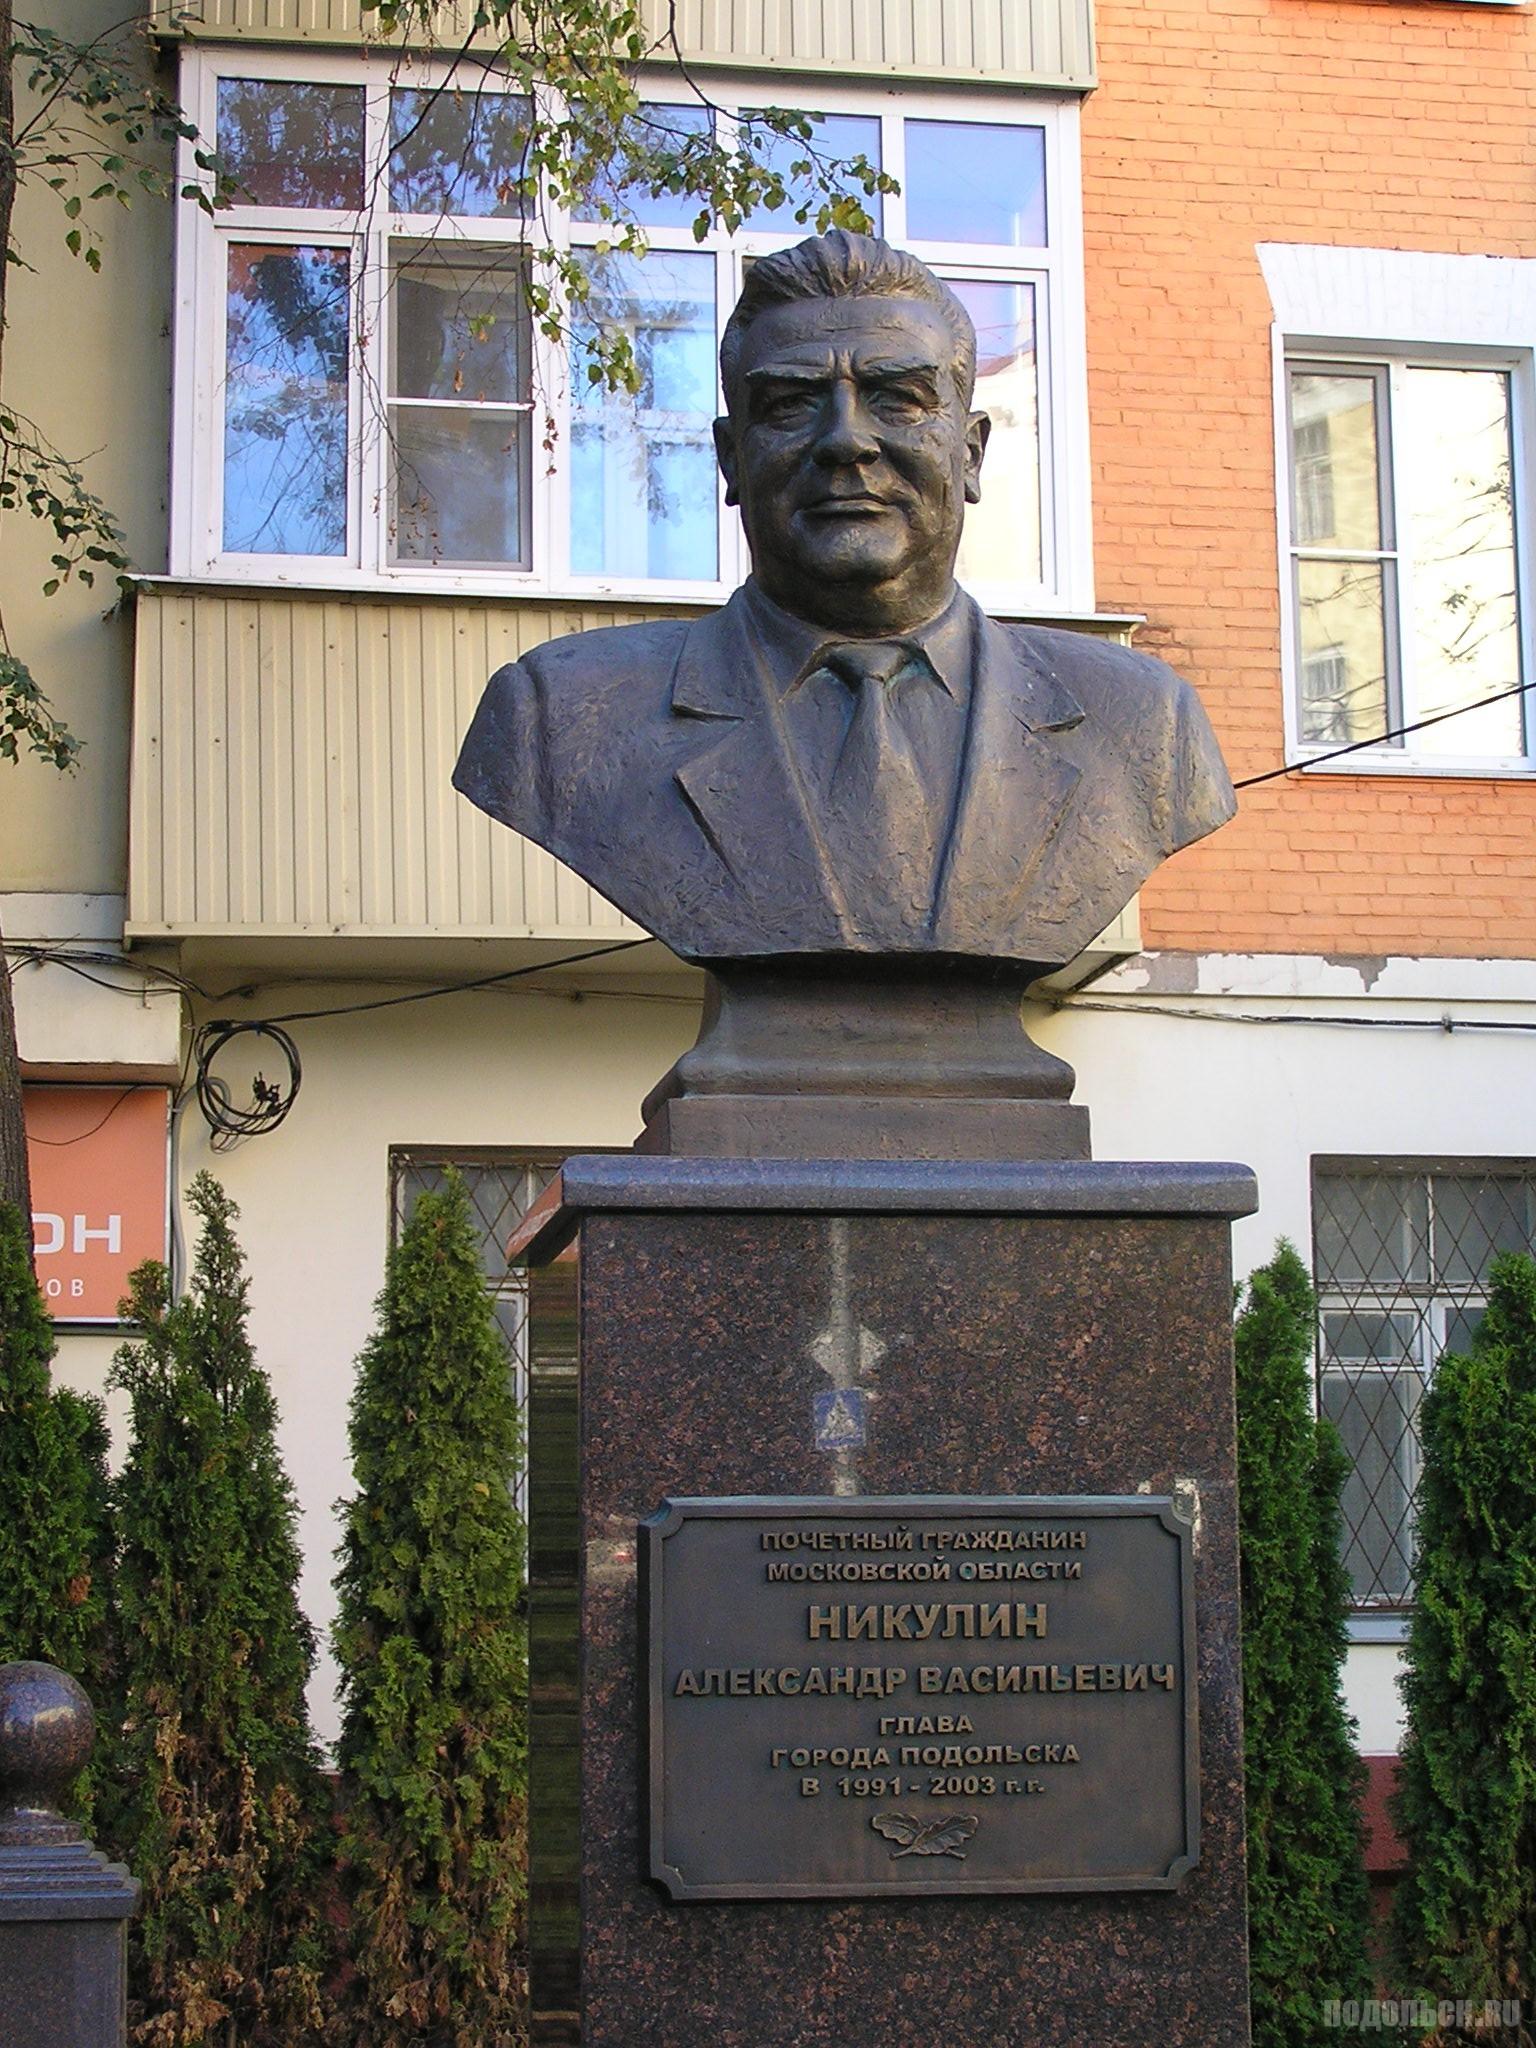 Памятник А.В. Никулину, Ревпроспект, 16 сентября 2014 г.